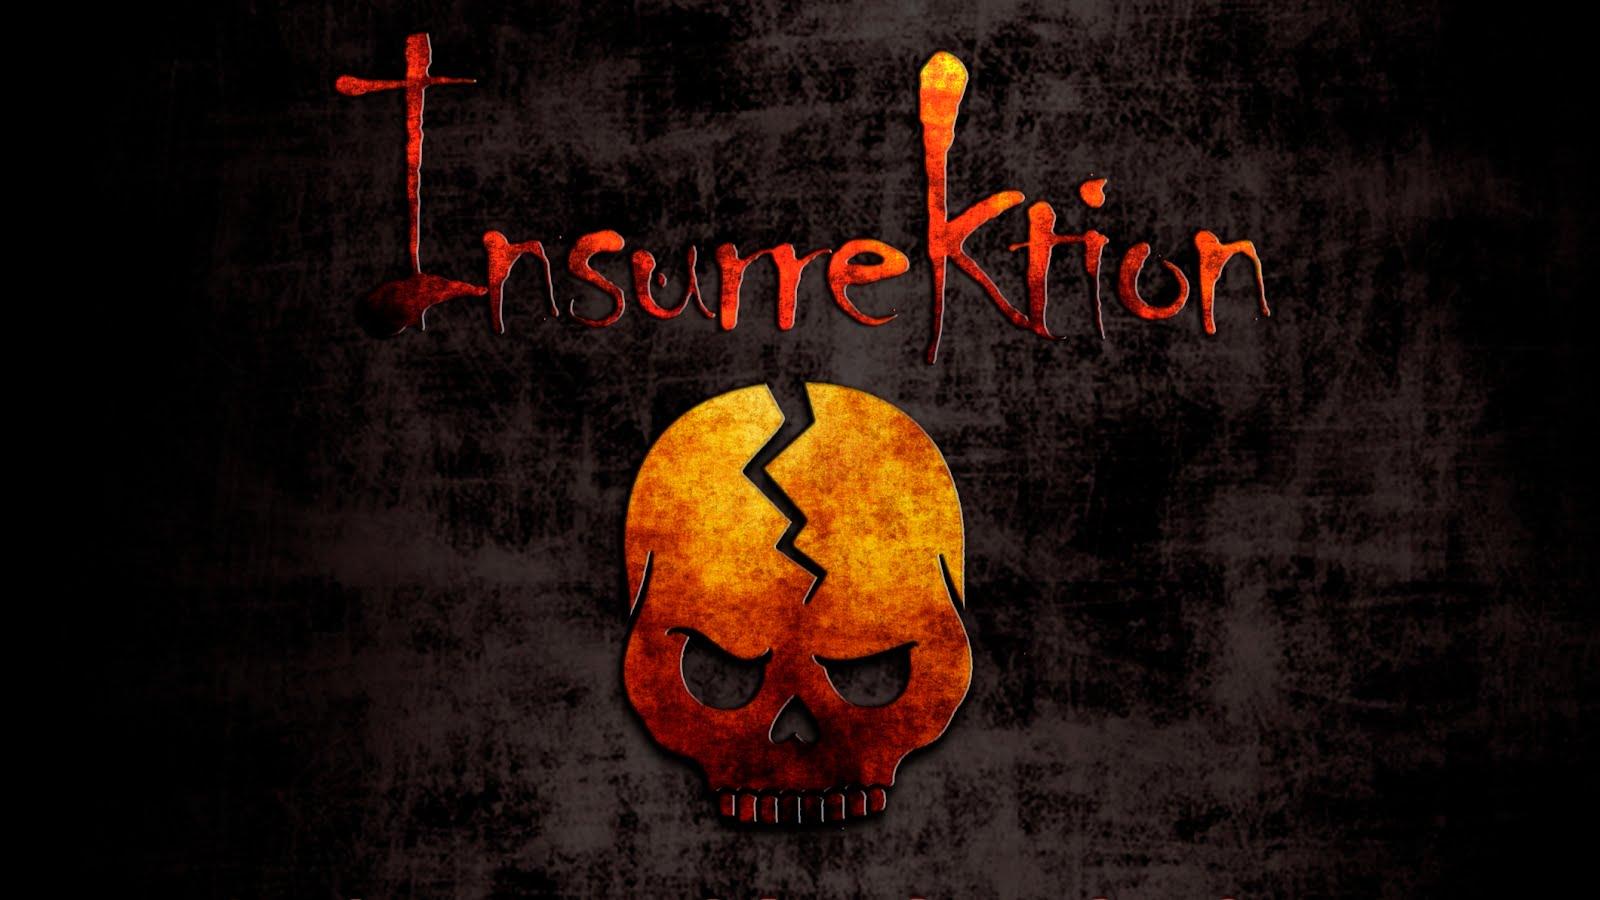 [InsurreKtion]